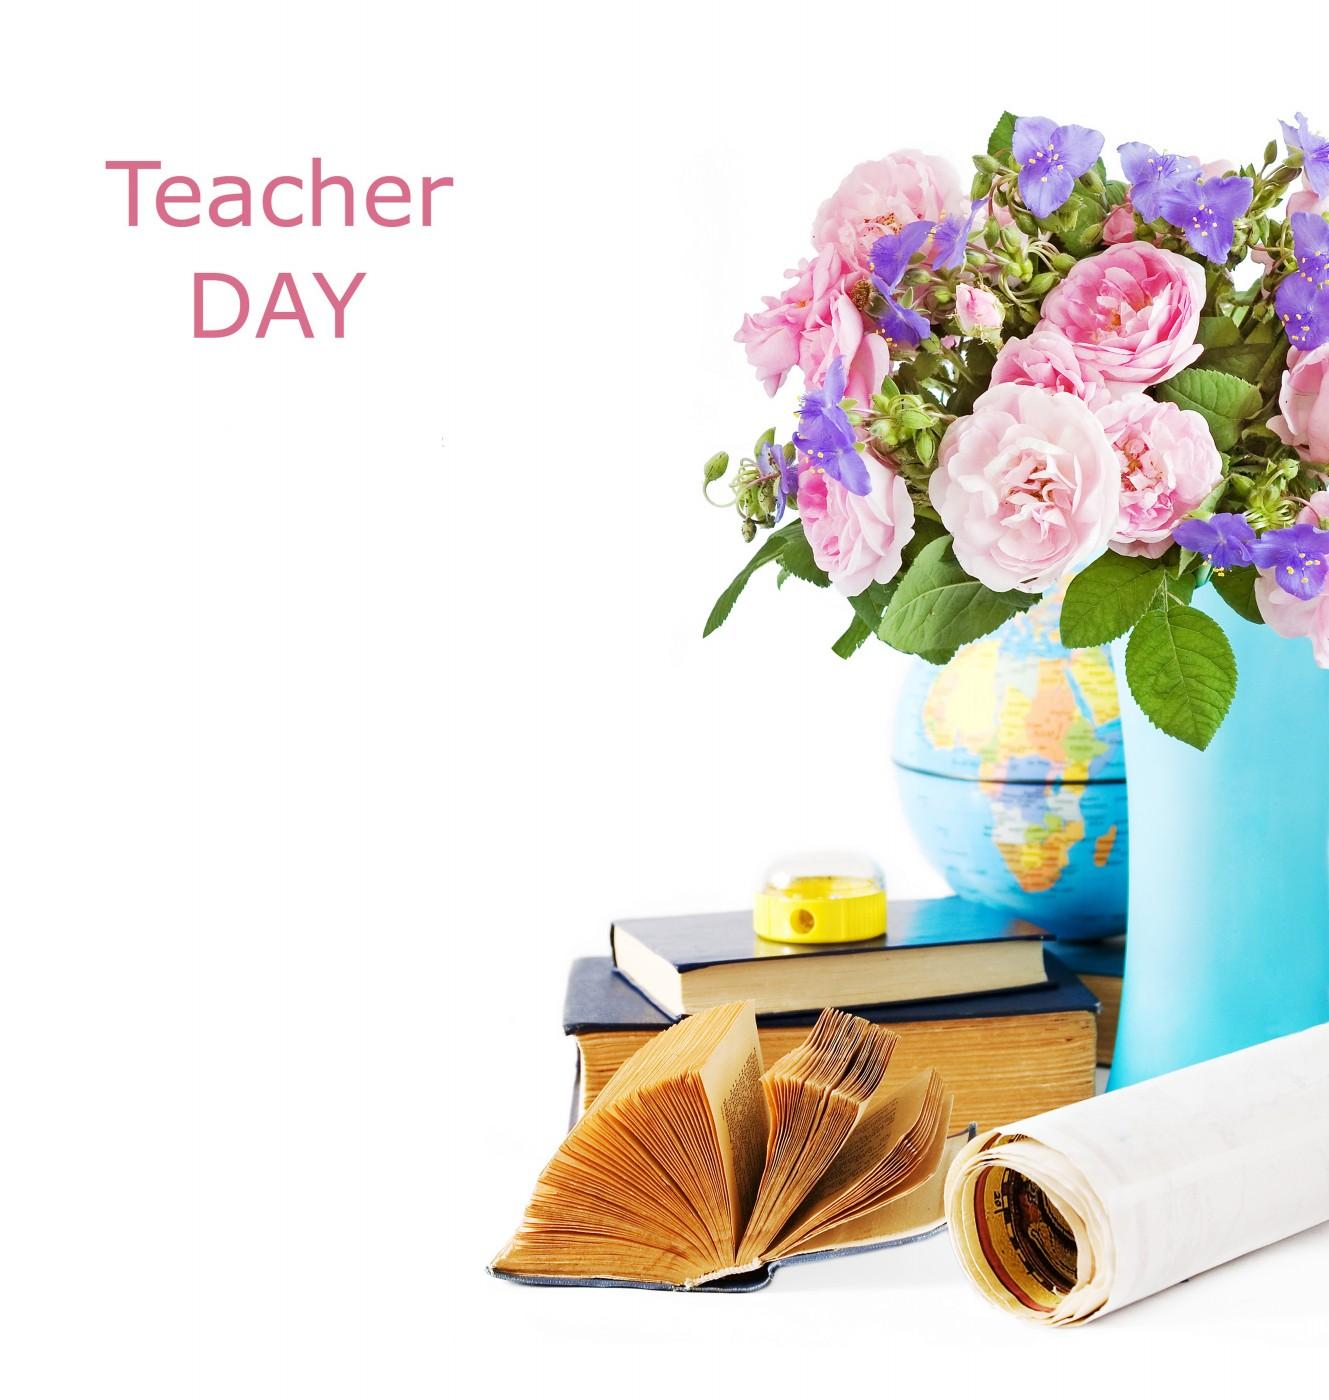 Фон для учителей презентации